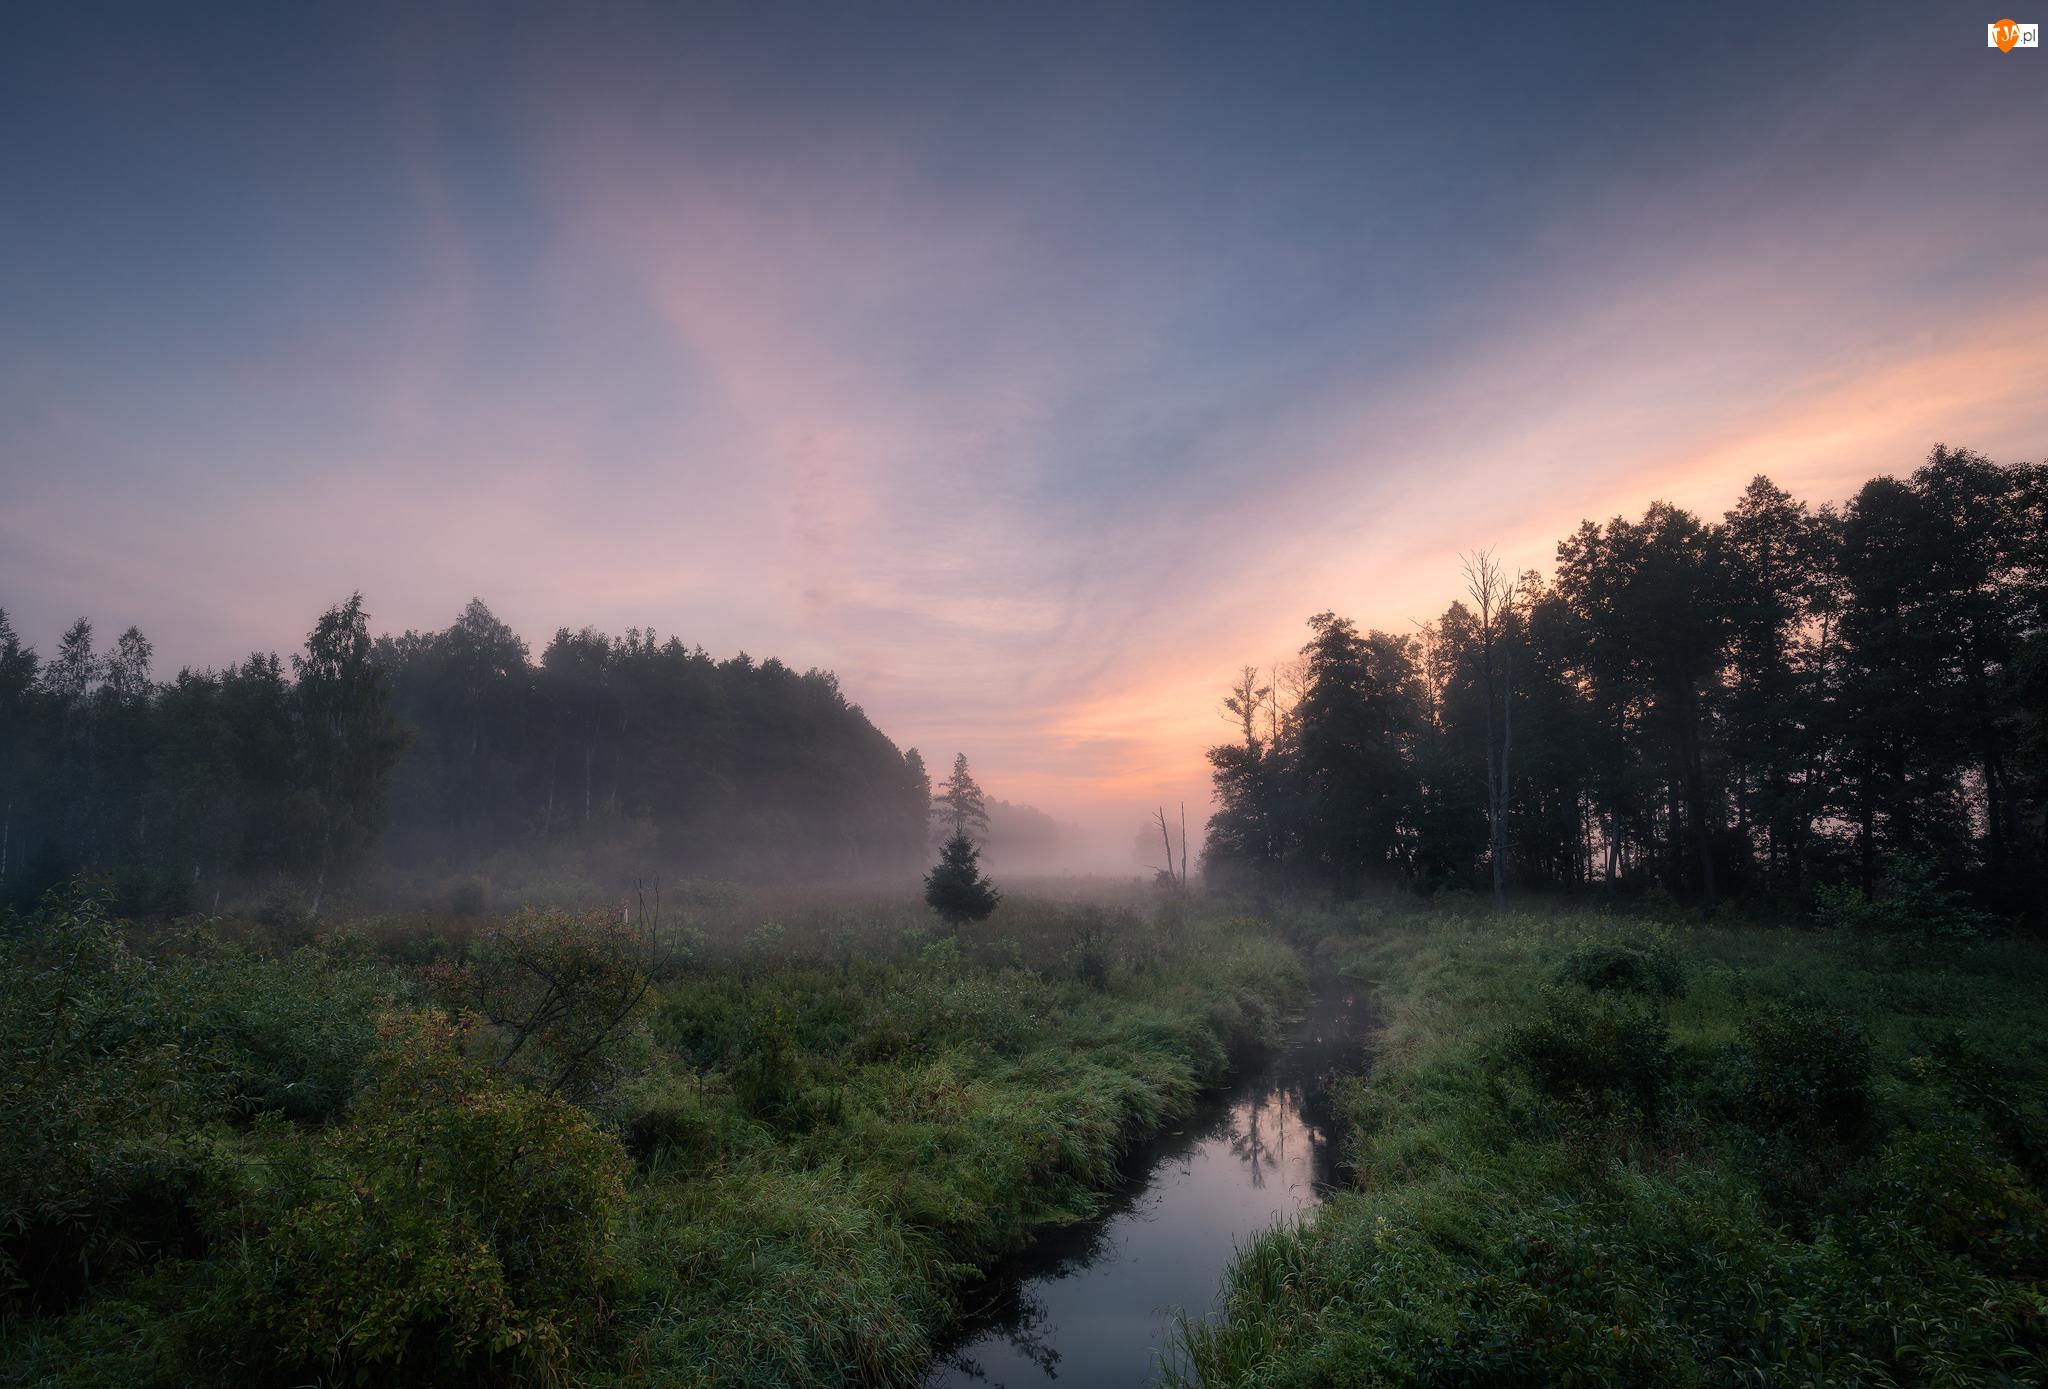 Las, Rzeka, Drzewa, Polska, Mgła, Podlasie